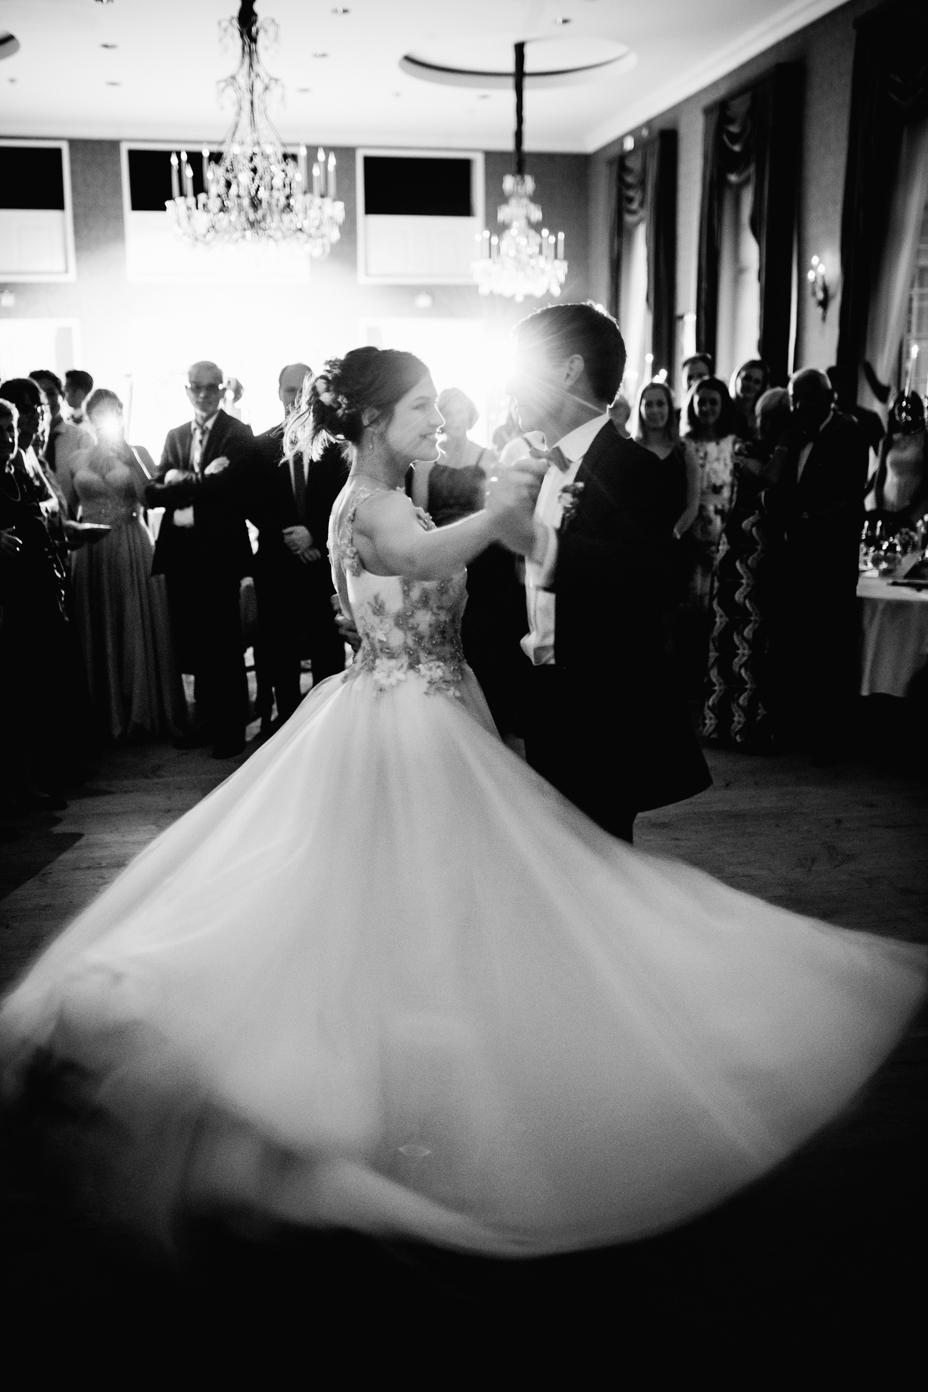 Hochzeitsfotograf-Kassel-Bad Driburg-Graeflicher Park-Inka Englisch Photography-Hochzeitsreportage-Regenhochzeit-entspannt-storytelling-wedding photographer-117